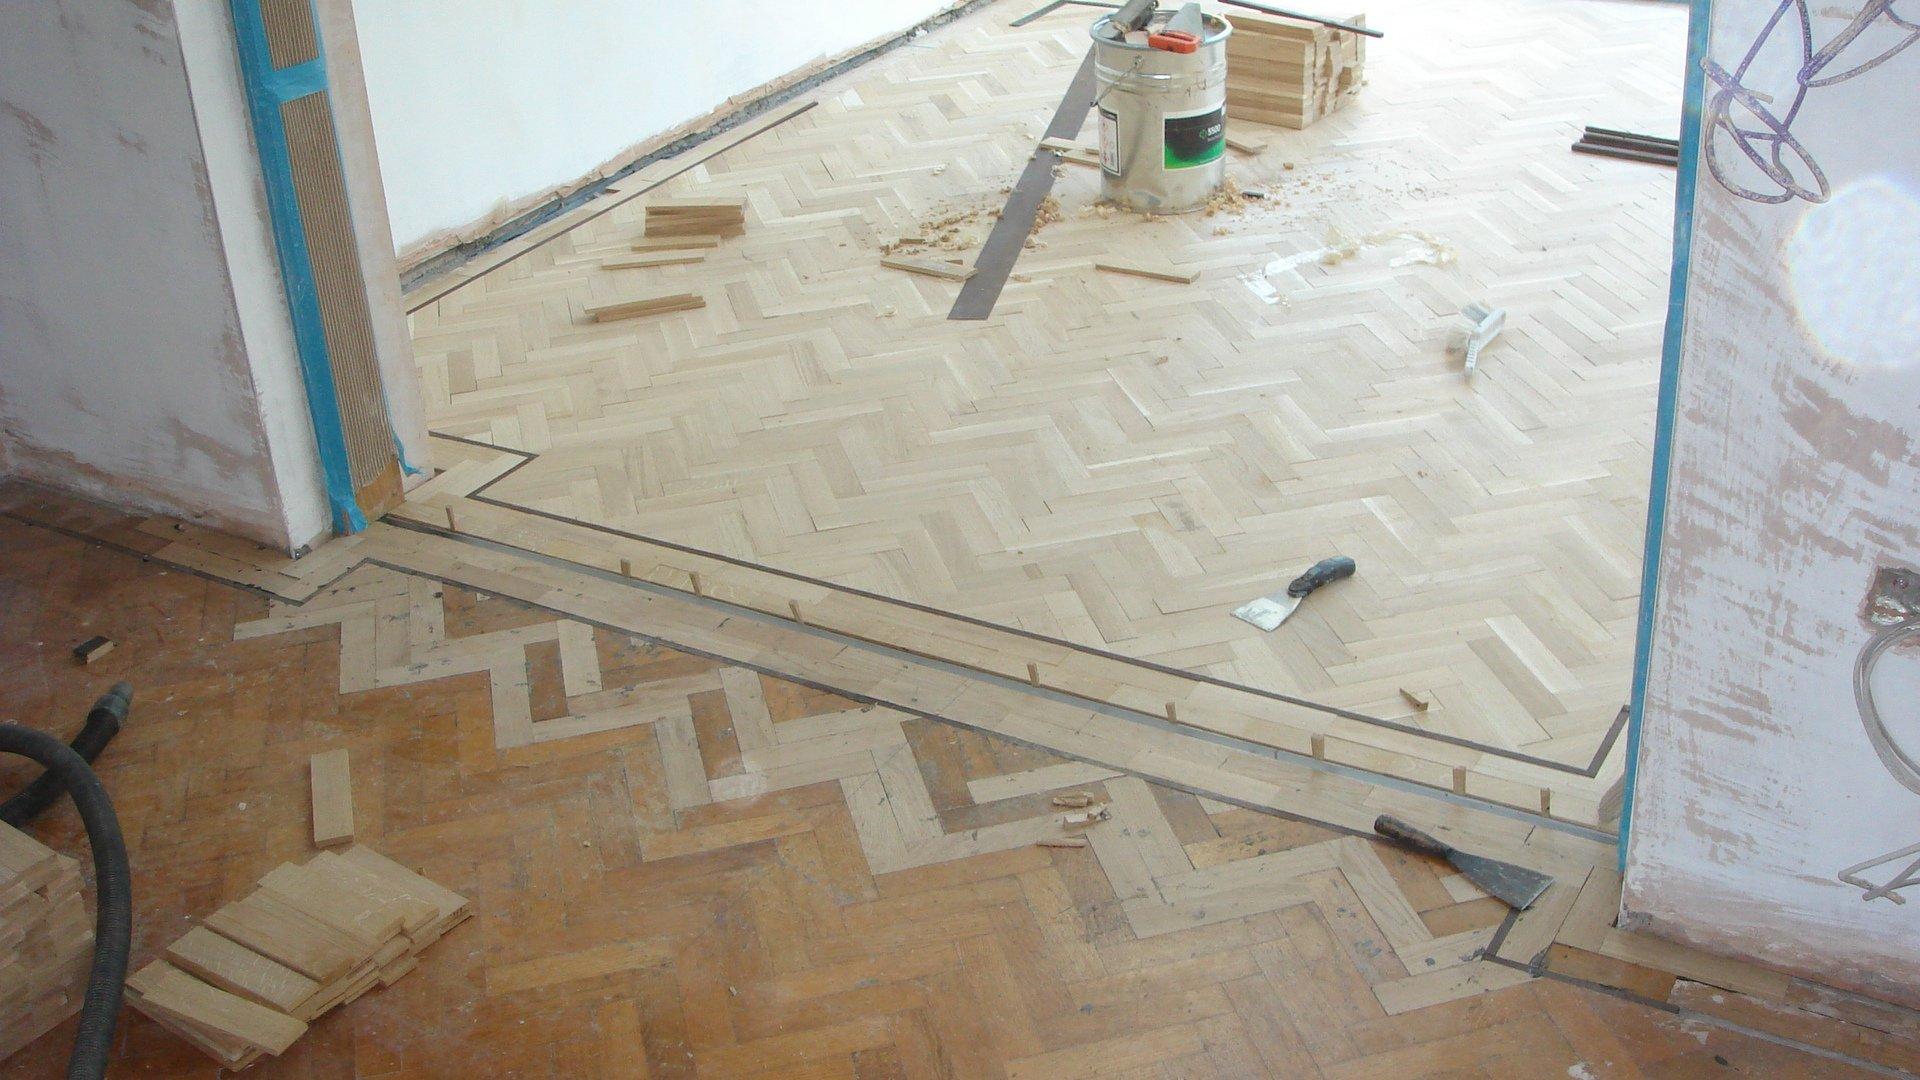 parquet flooring during refurbishment